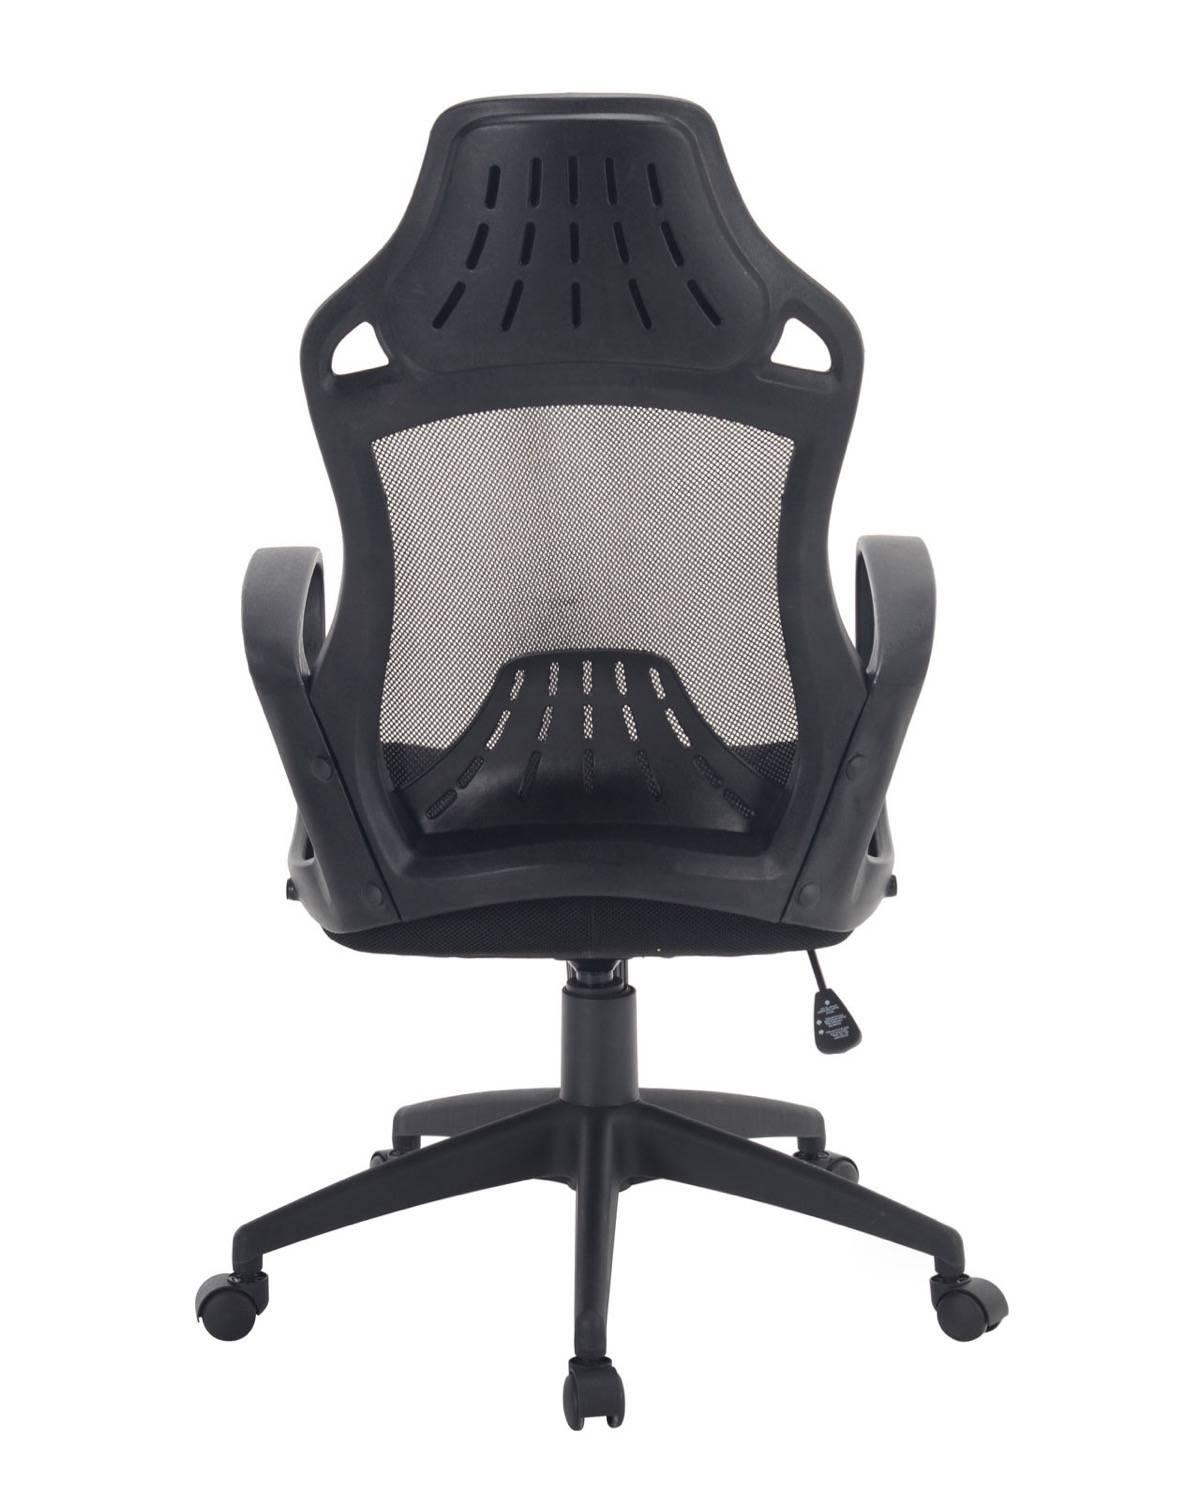 Siege de bureau sport maison design - Chaise baquet de bureau ...